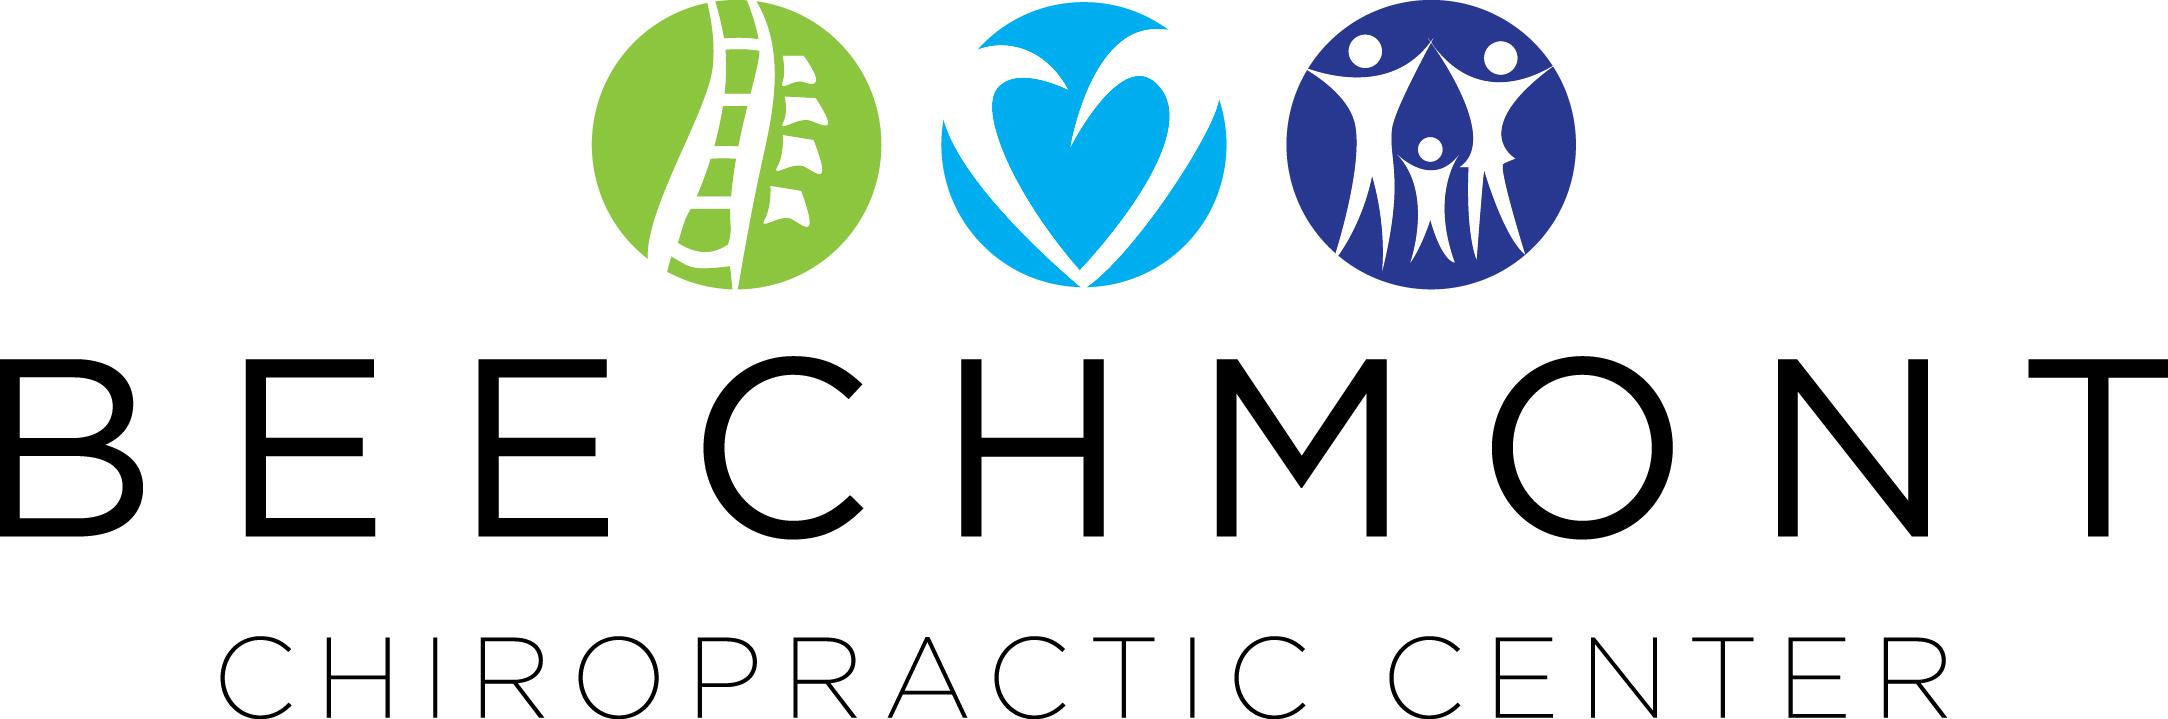 Beechmont_Chiro_Logo.jpg